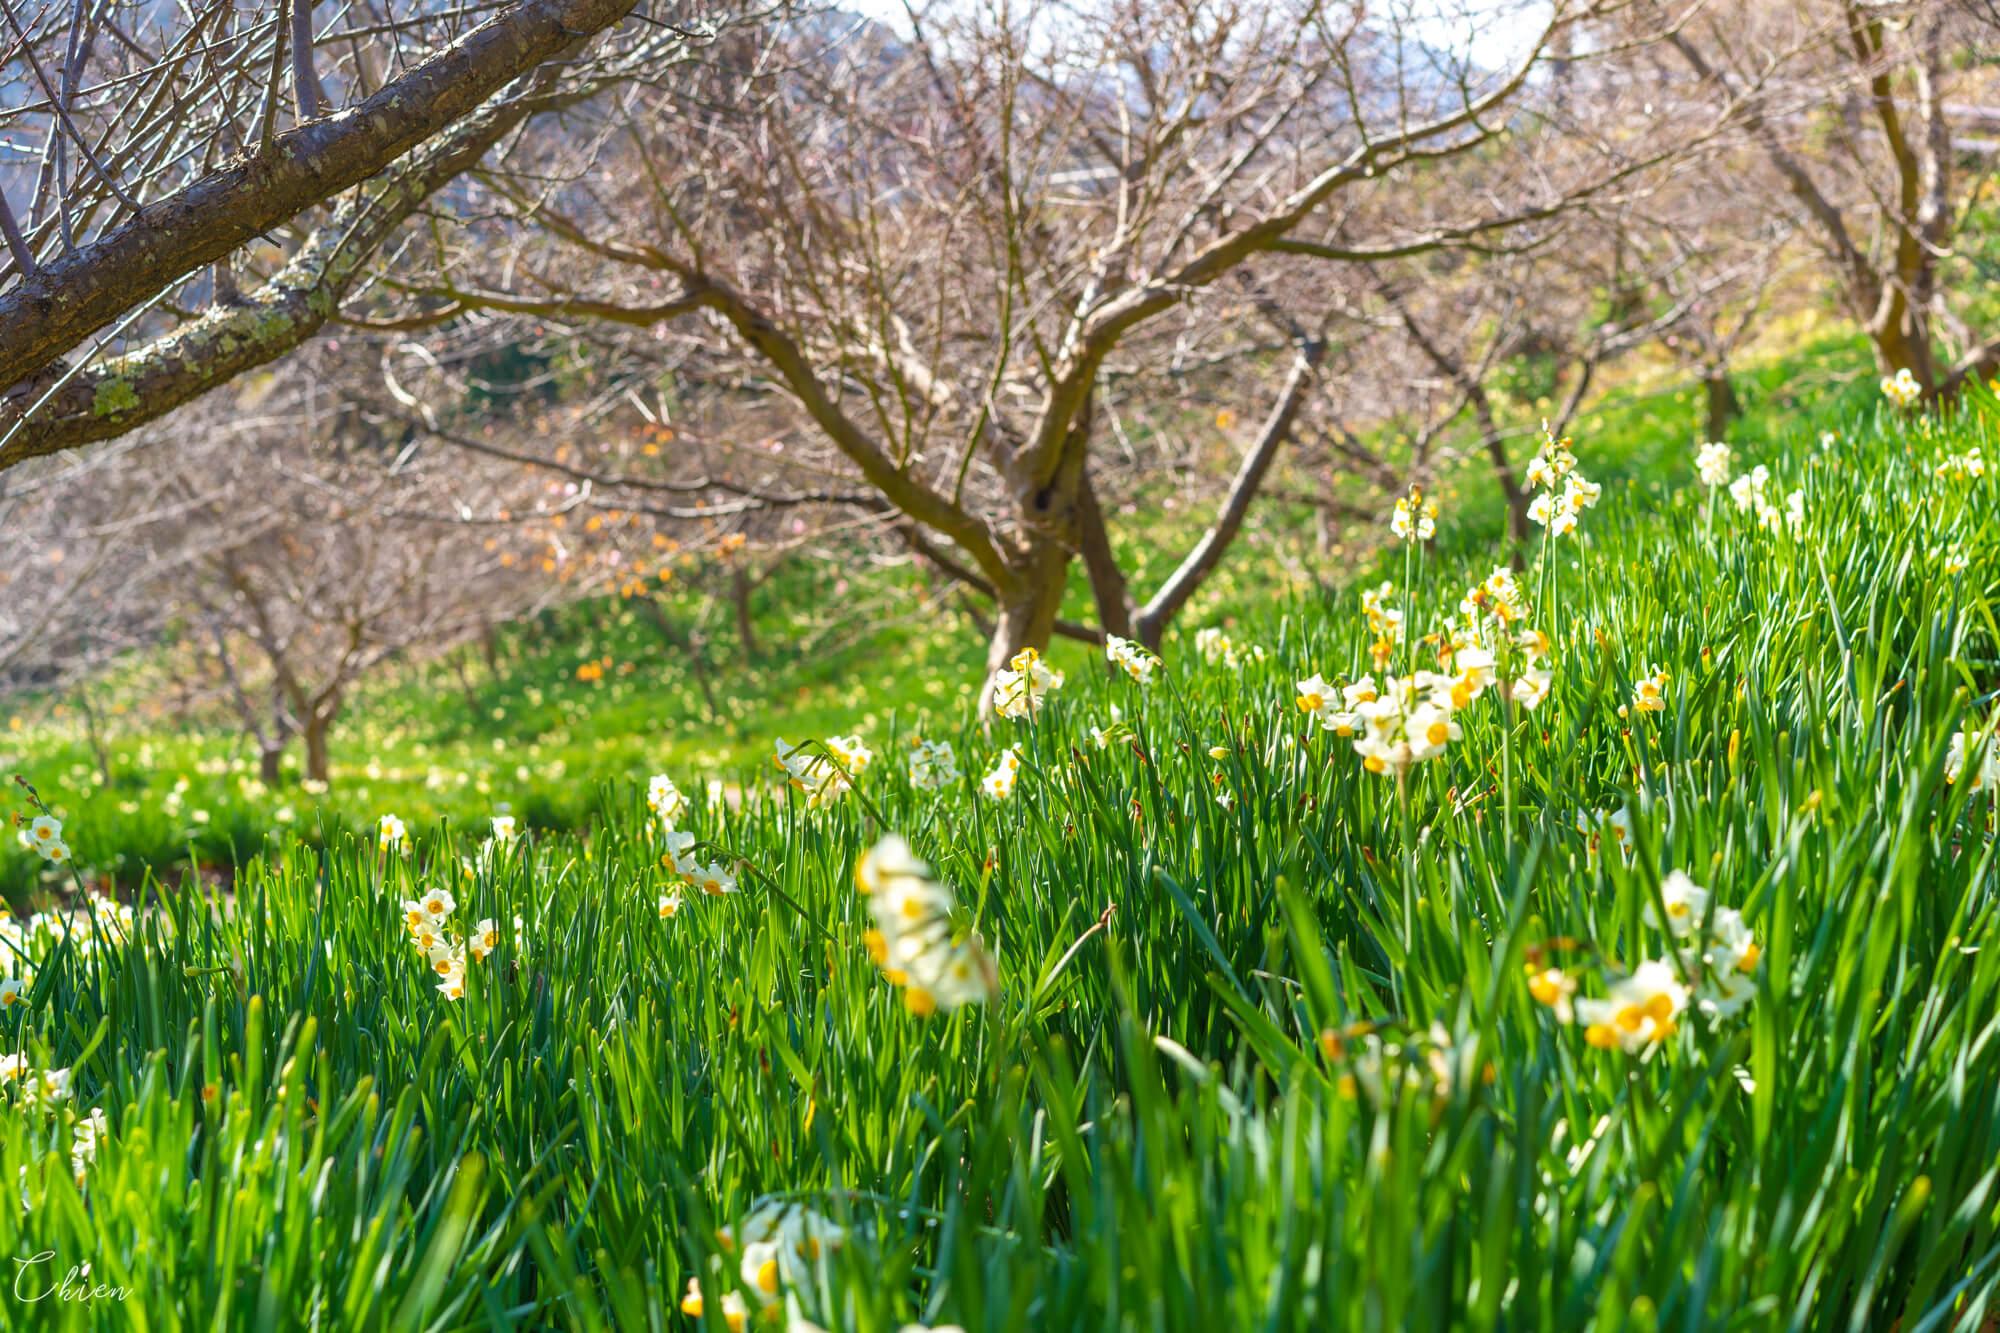 千葉南部春季賞花景點 鋸南佐久間川水仙花